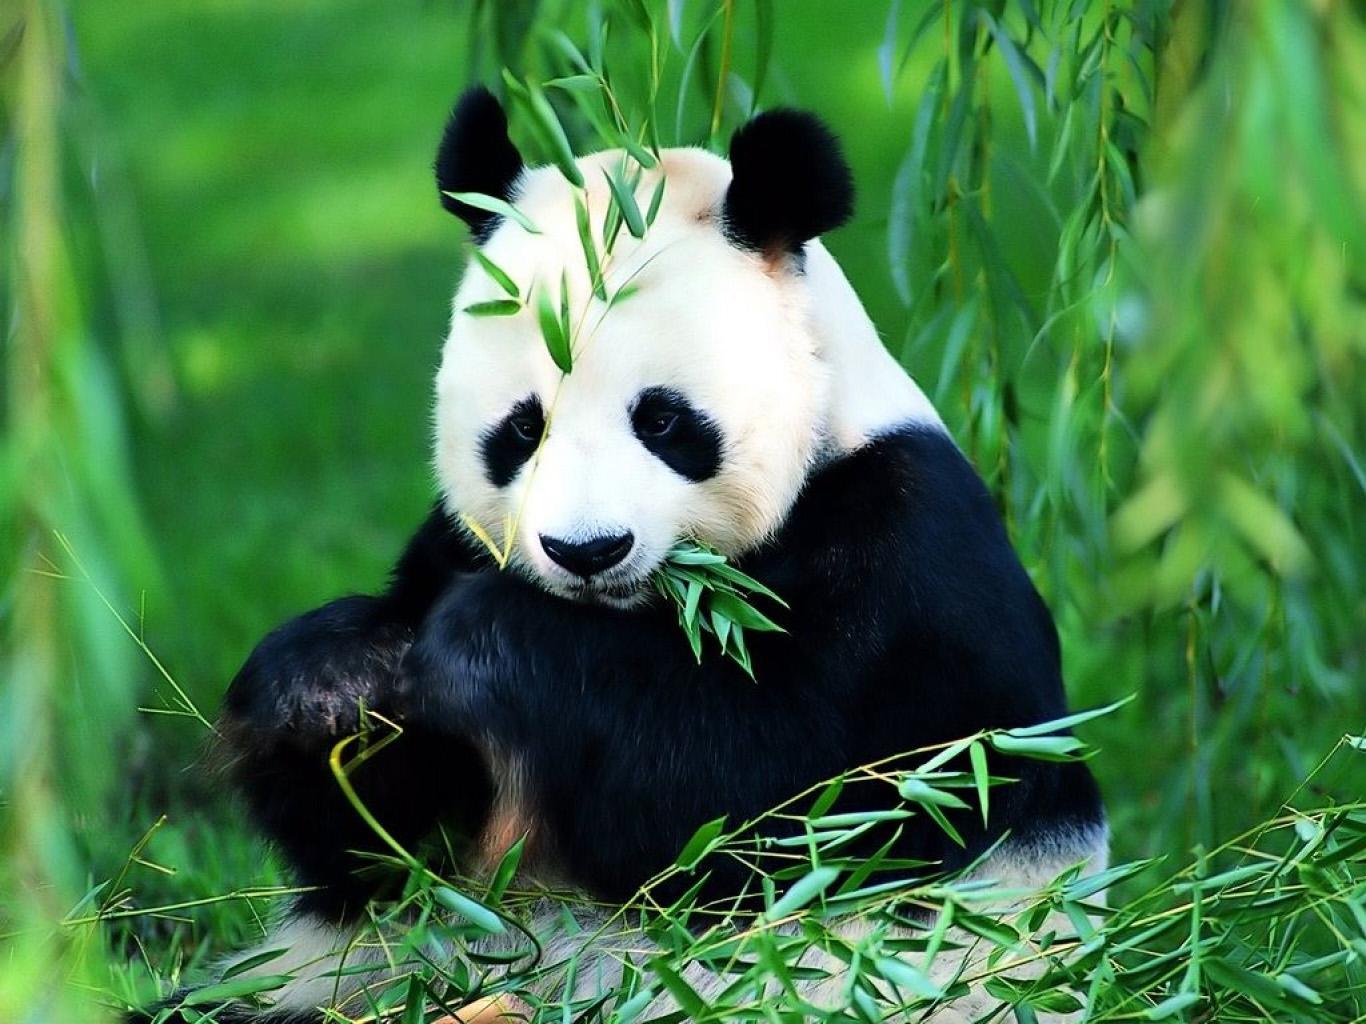 El Oso Panda (Buenas fotos)